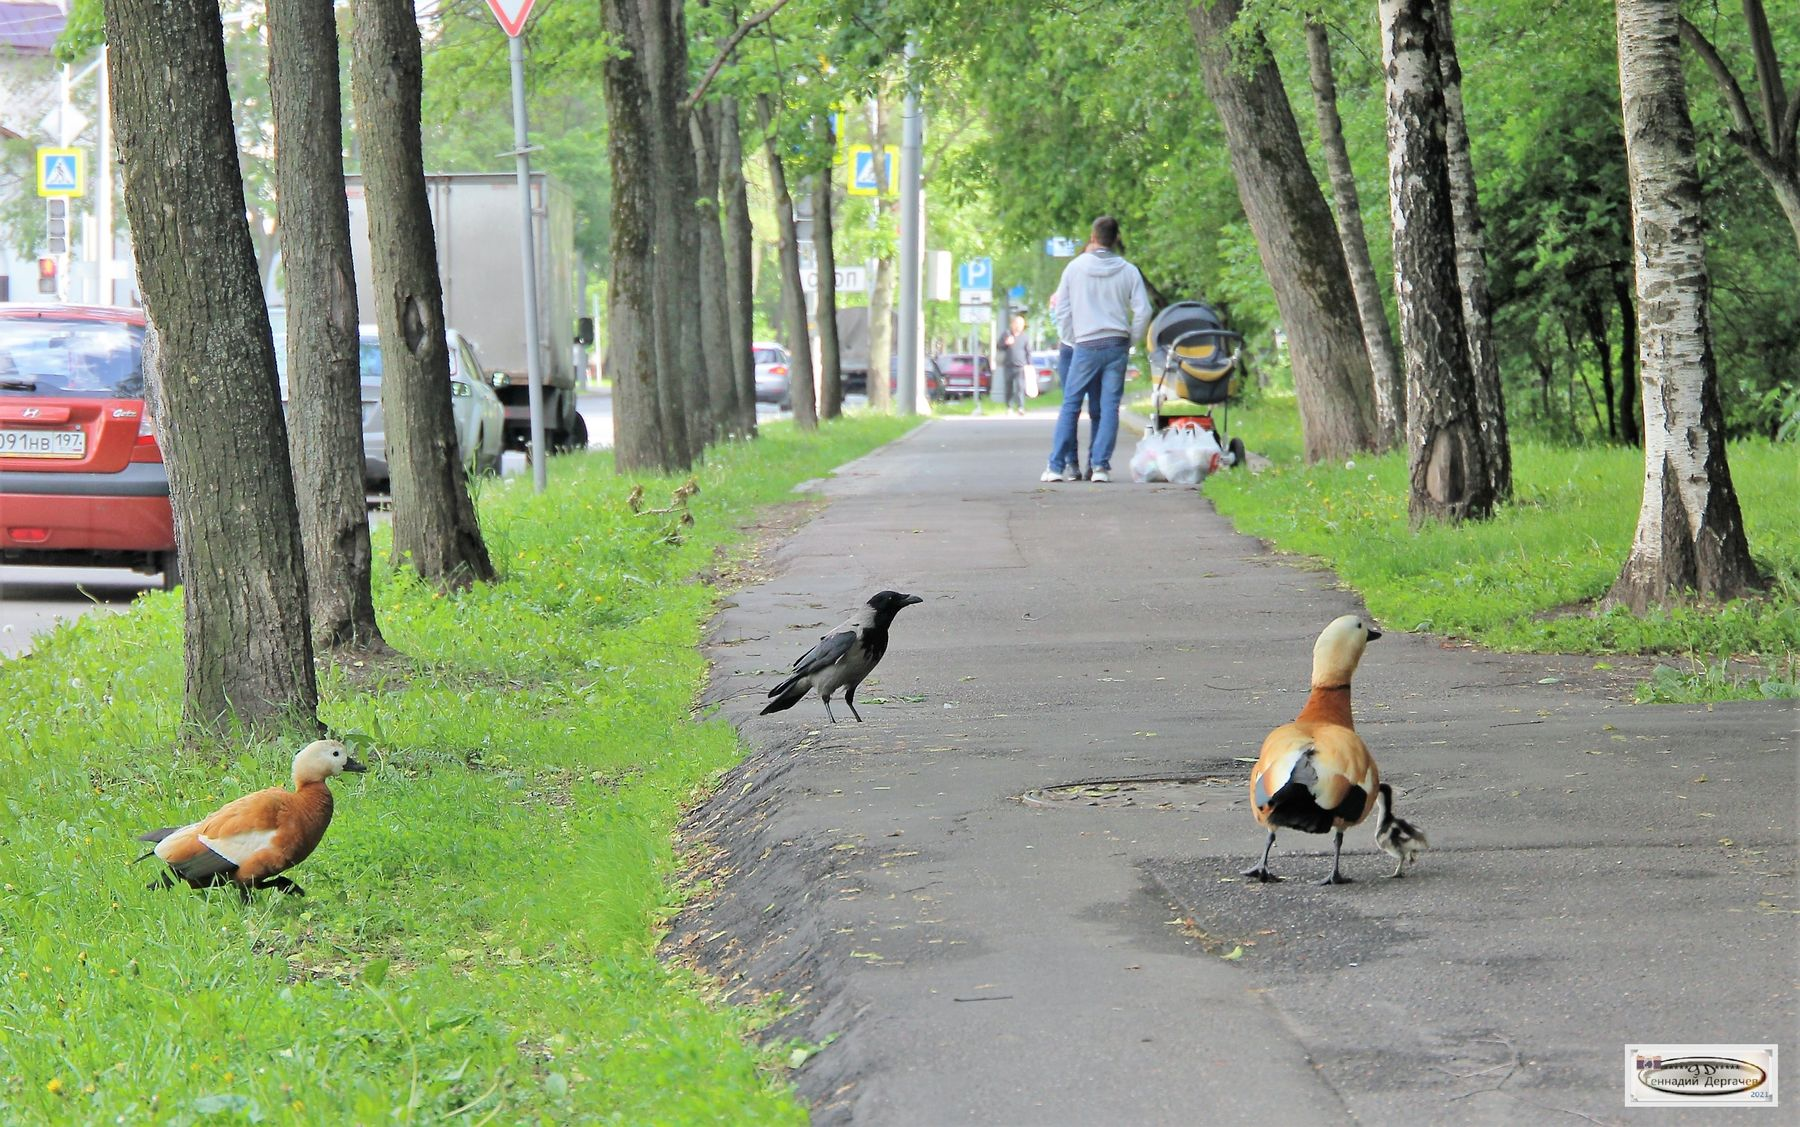 Нечего тебе, ворона, здесь делать - тут с детьми гуляют! утки утёнок ворона прогулка